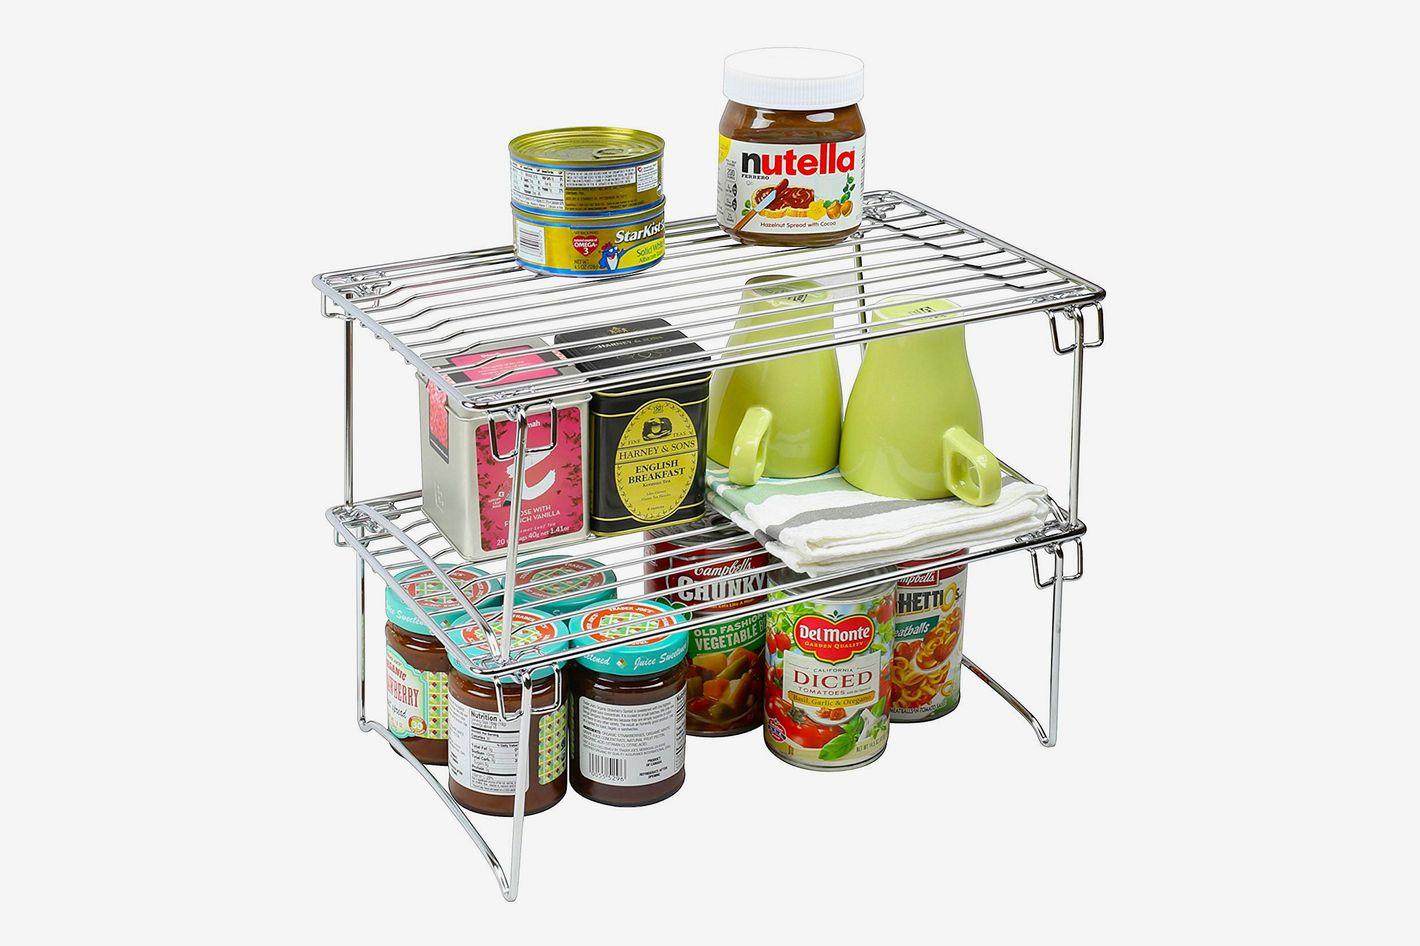 Amazon Kitchen Storage  19 Best Kitchen Cabinet Organizers on Amazon Reviewed 2019